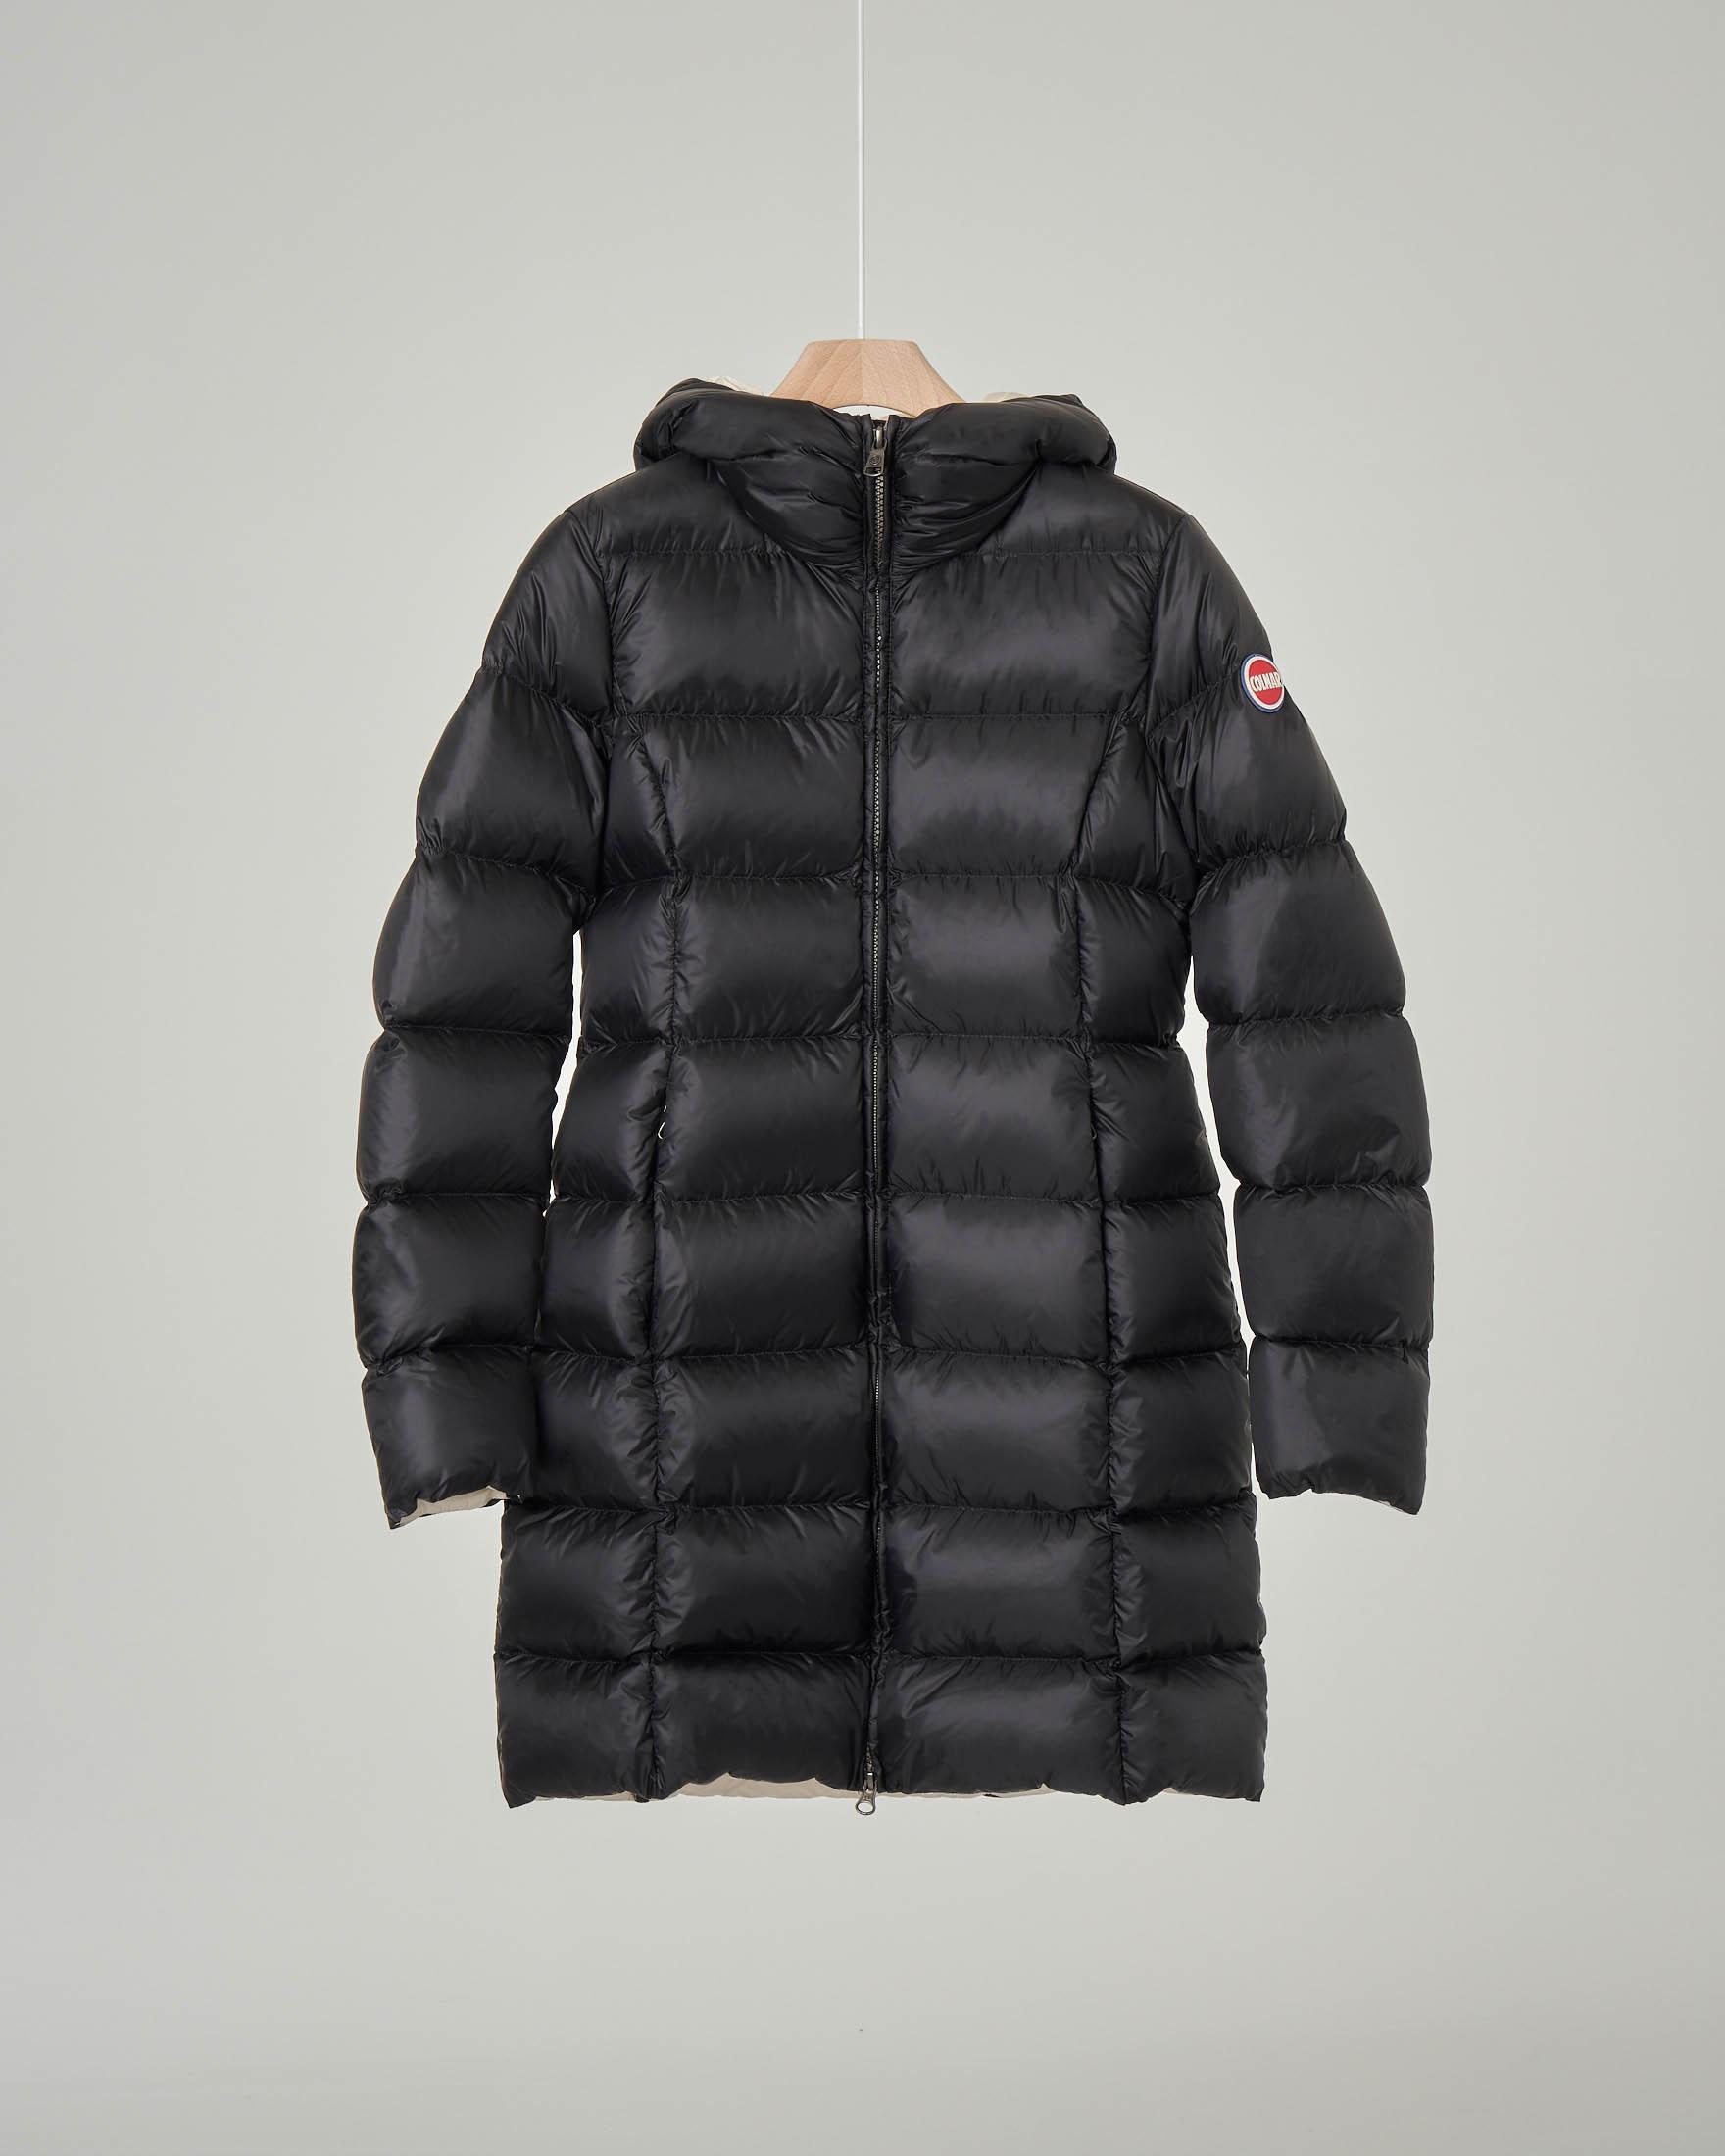 Cappotto nero imbottito in piuma con cappuccio fisso 10 anni